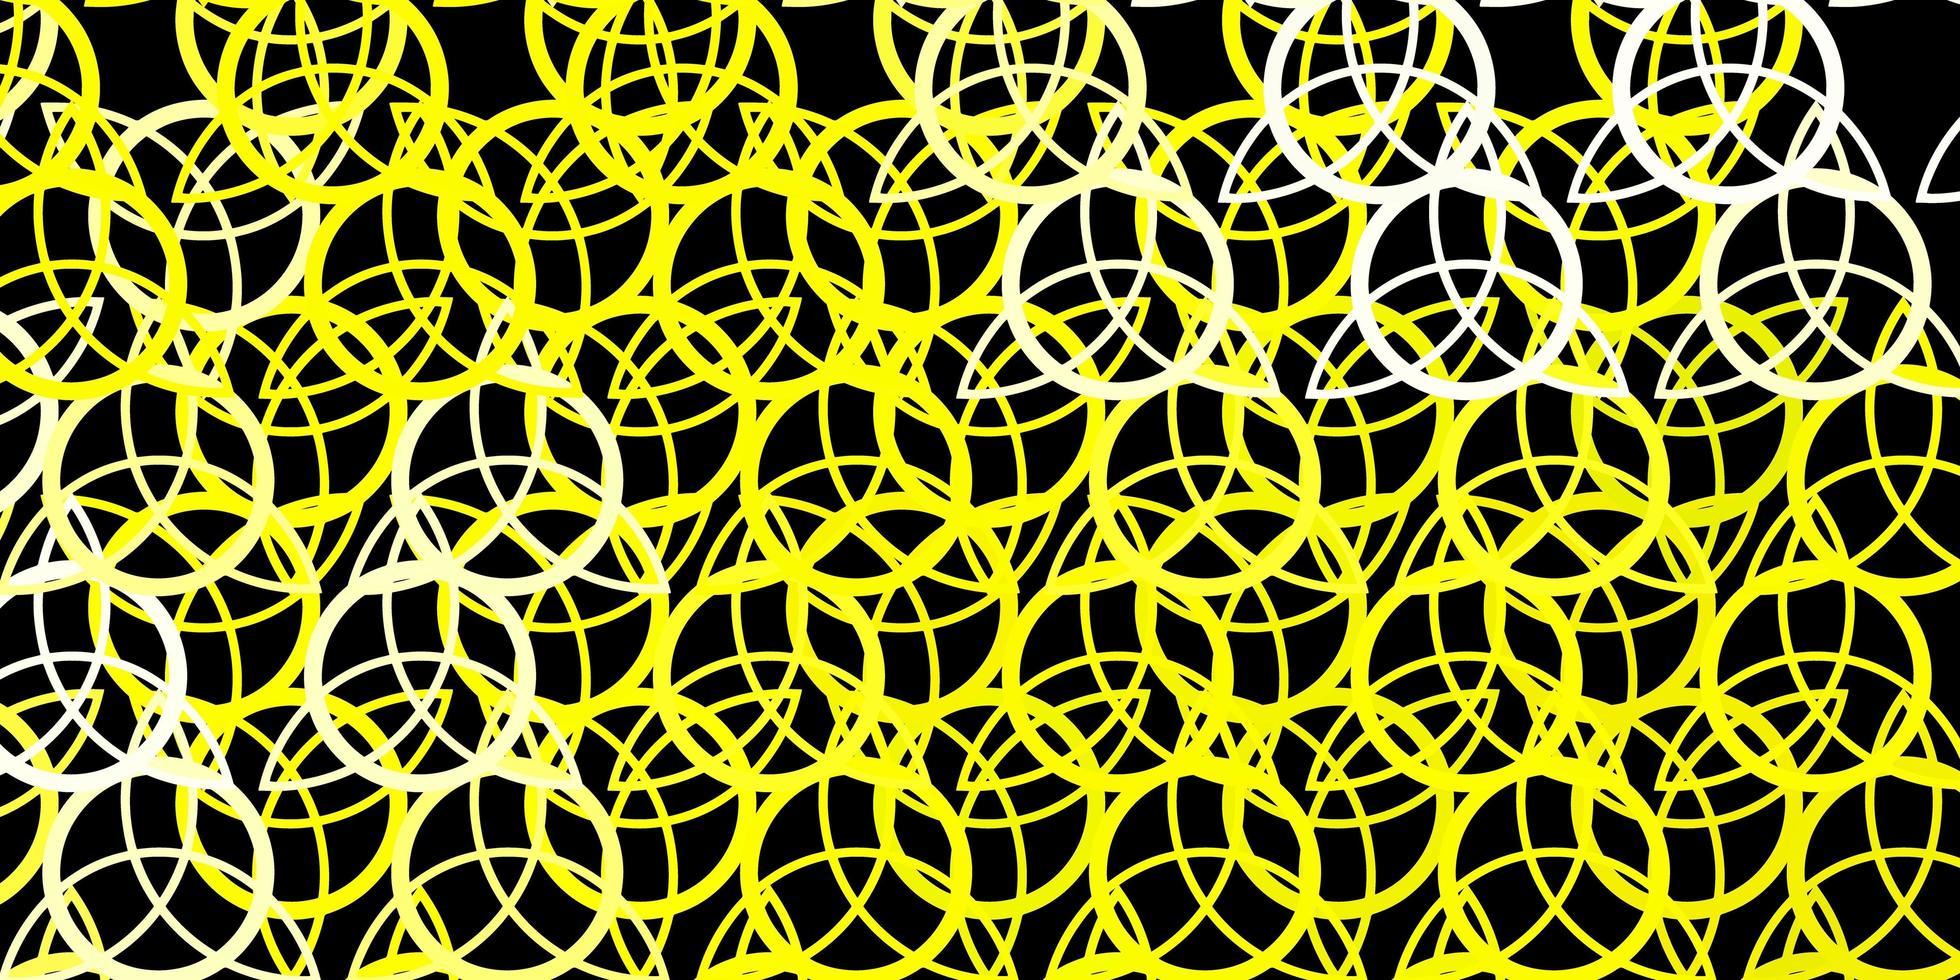 modello giallo scuro con segni esoterici. vettore